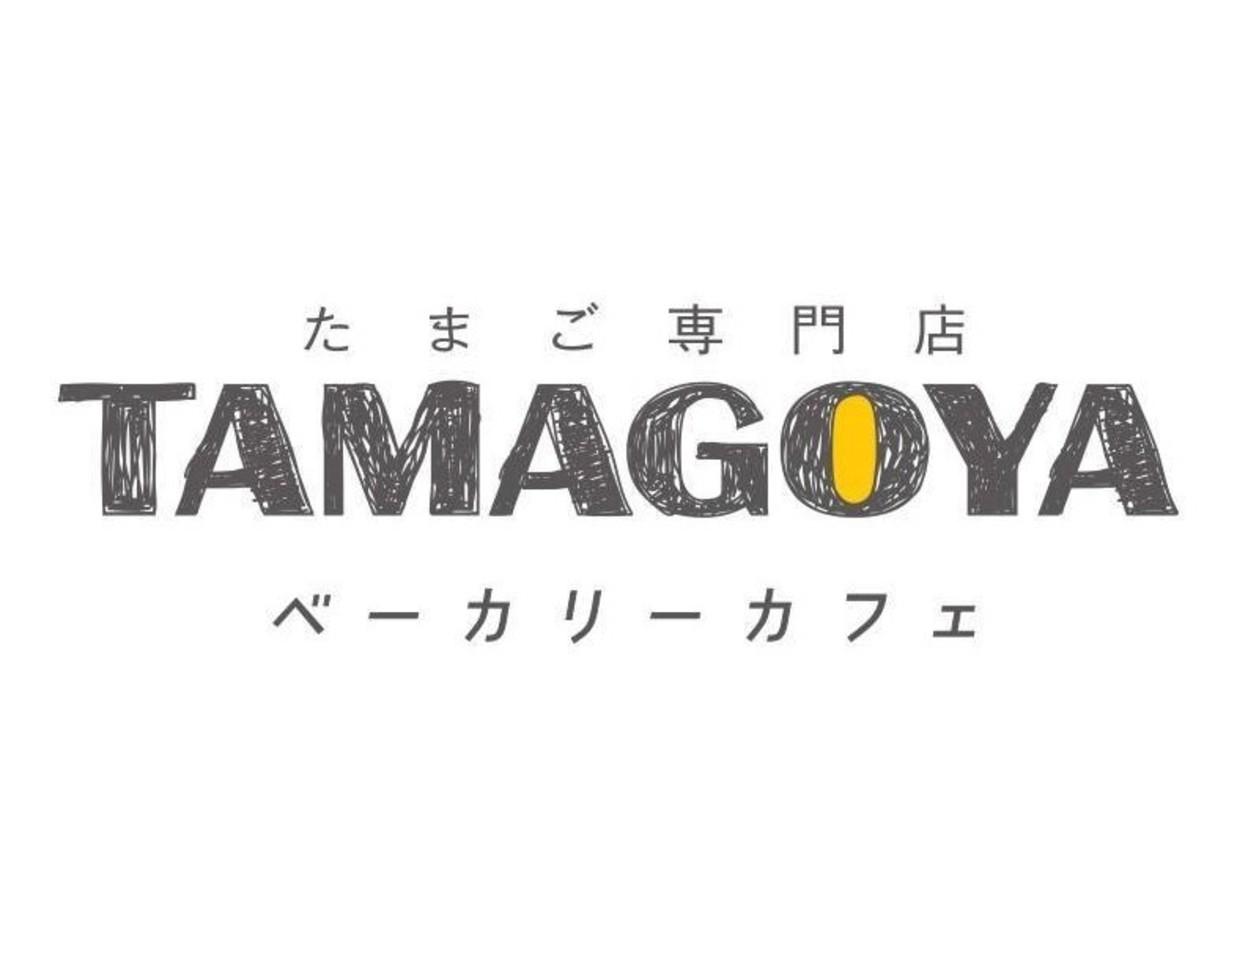 たまご専門店...静岡県田方郡函南町畑に「たまごやベーカリーカフェ」本日オープン